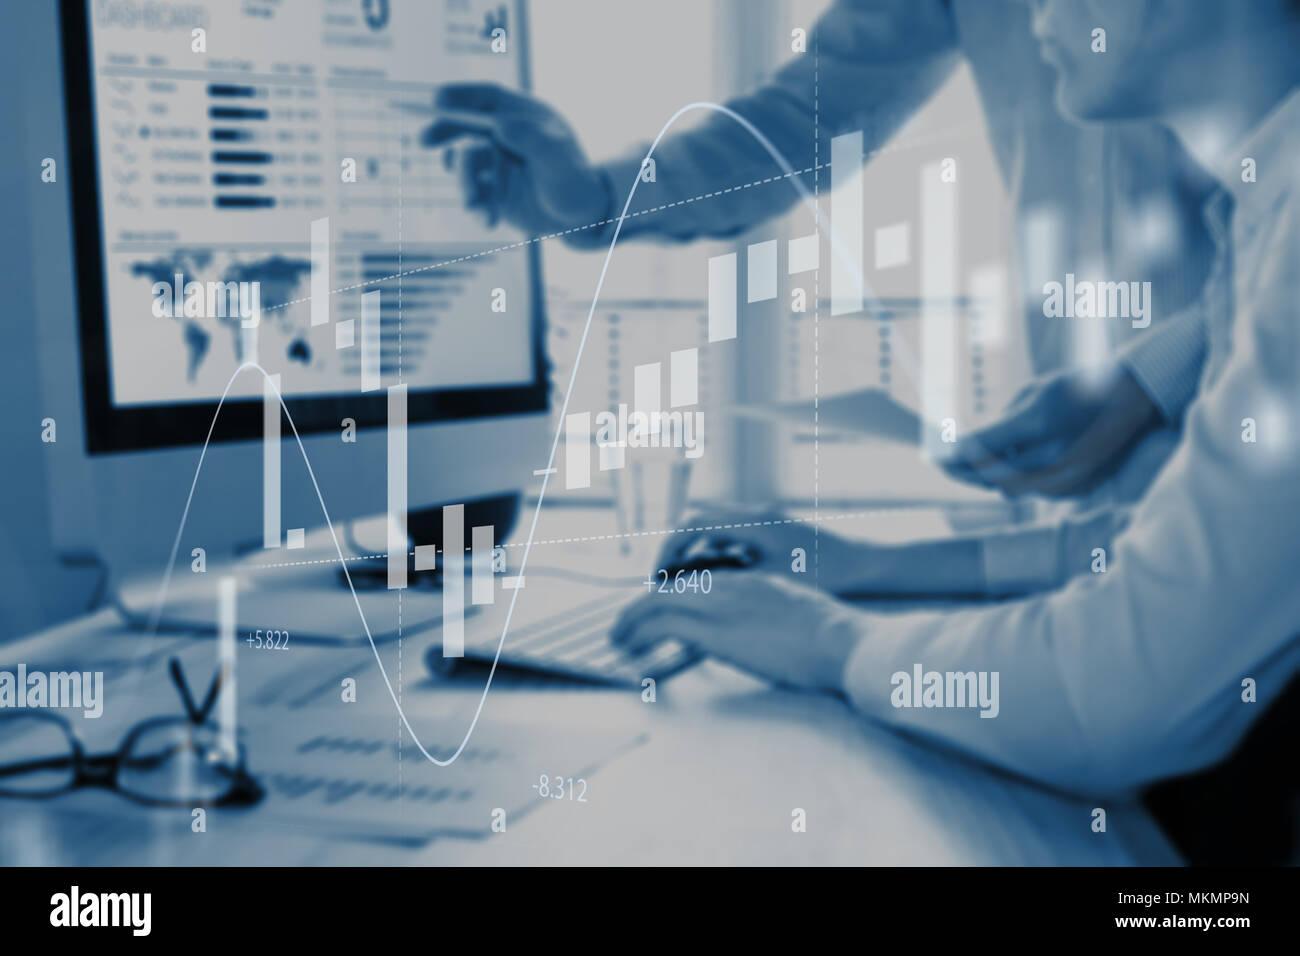 Résumé finances concept avec les gens à discuter des données financières sur une planche de bord d'analyse d'affaires sur l'écran de l'ordinateur en arrière-plan et les inv Photo Stock